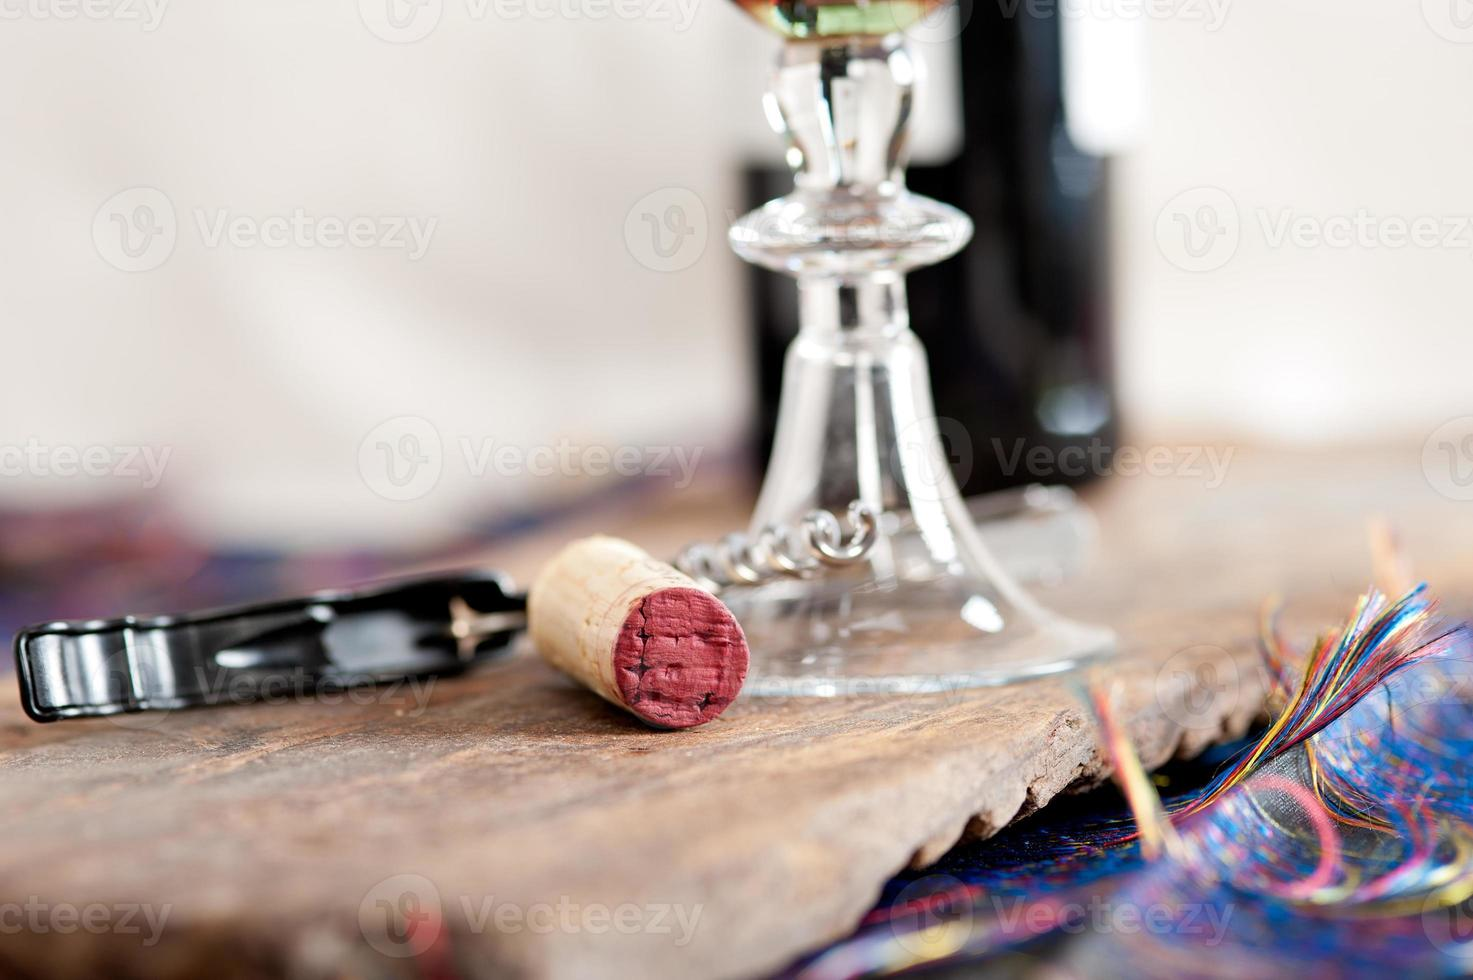 Rotweinkorkenmakro foto